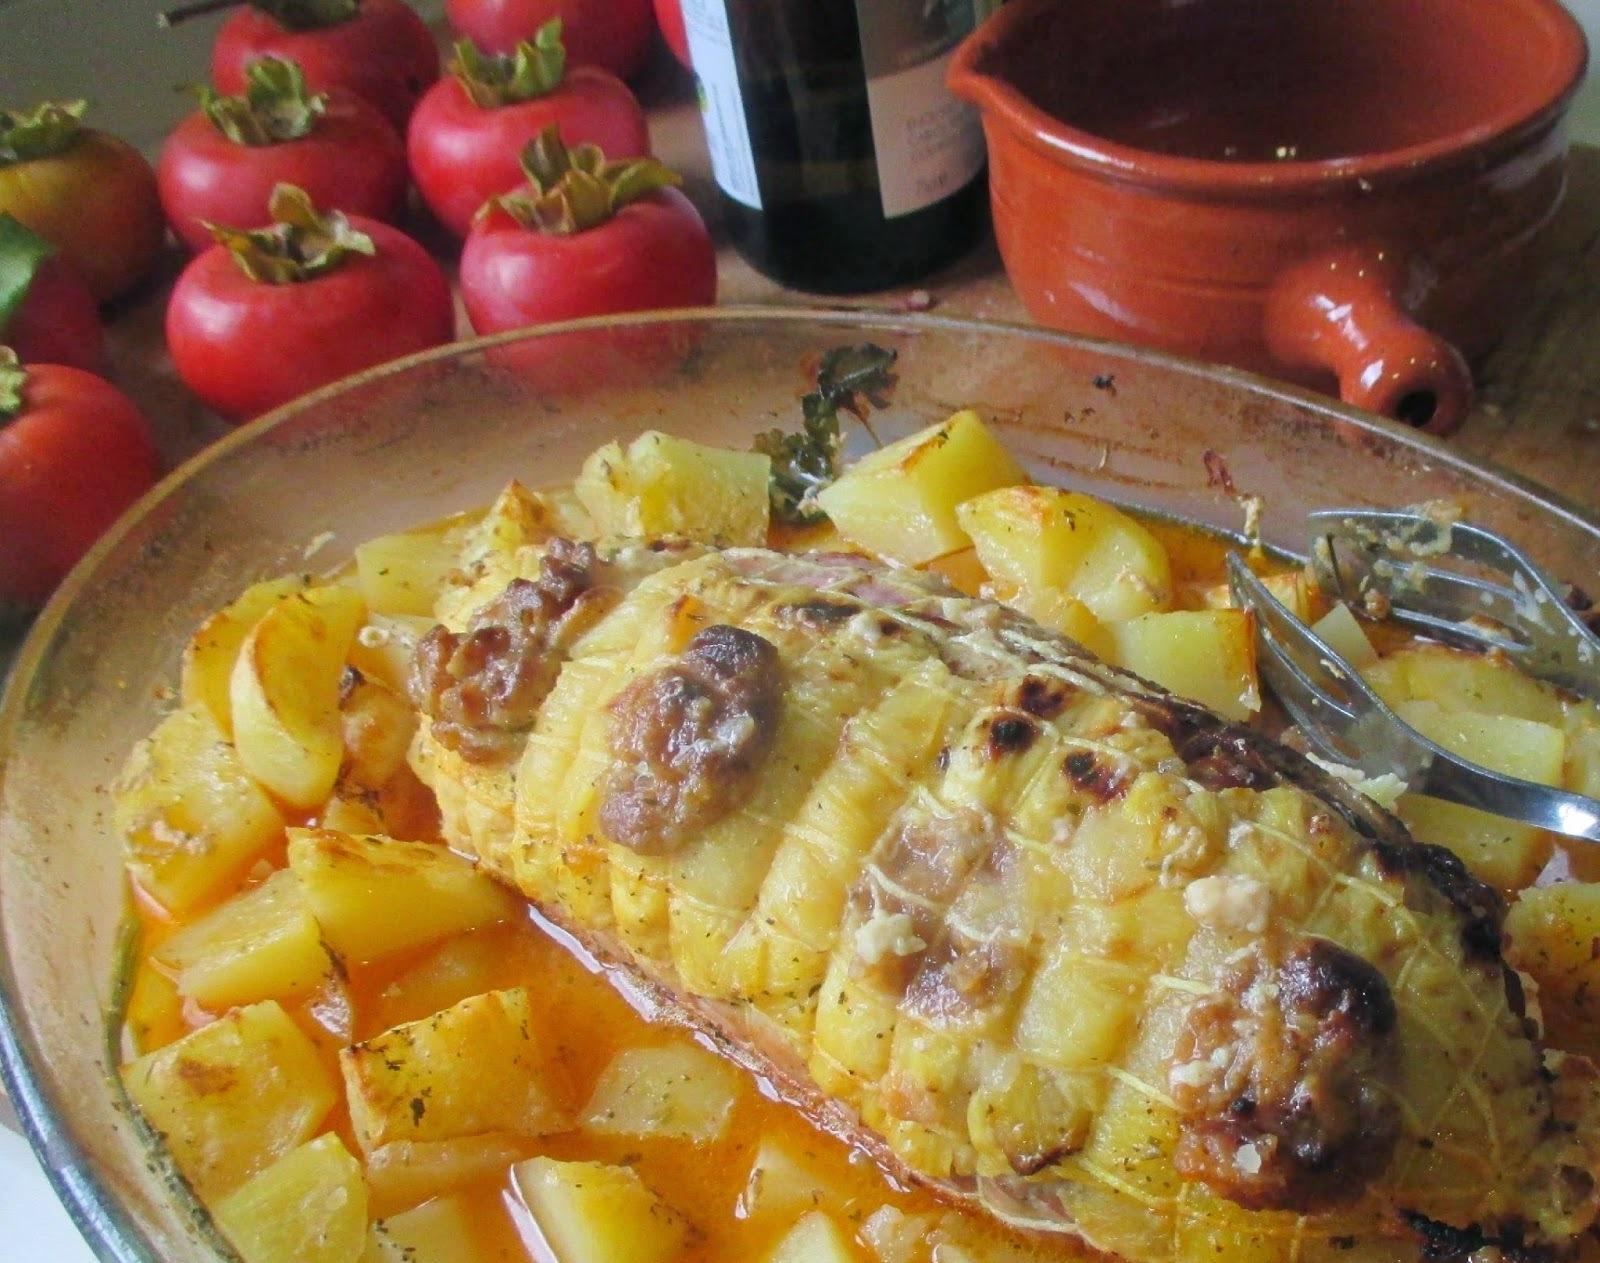 Lombo de Porco Recheado no Forno com Batatas